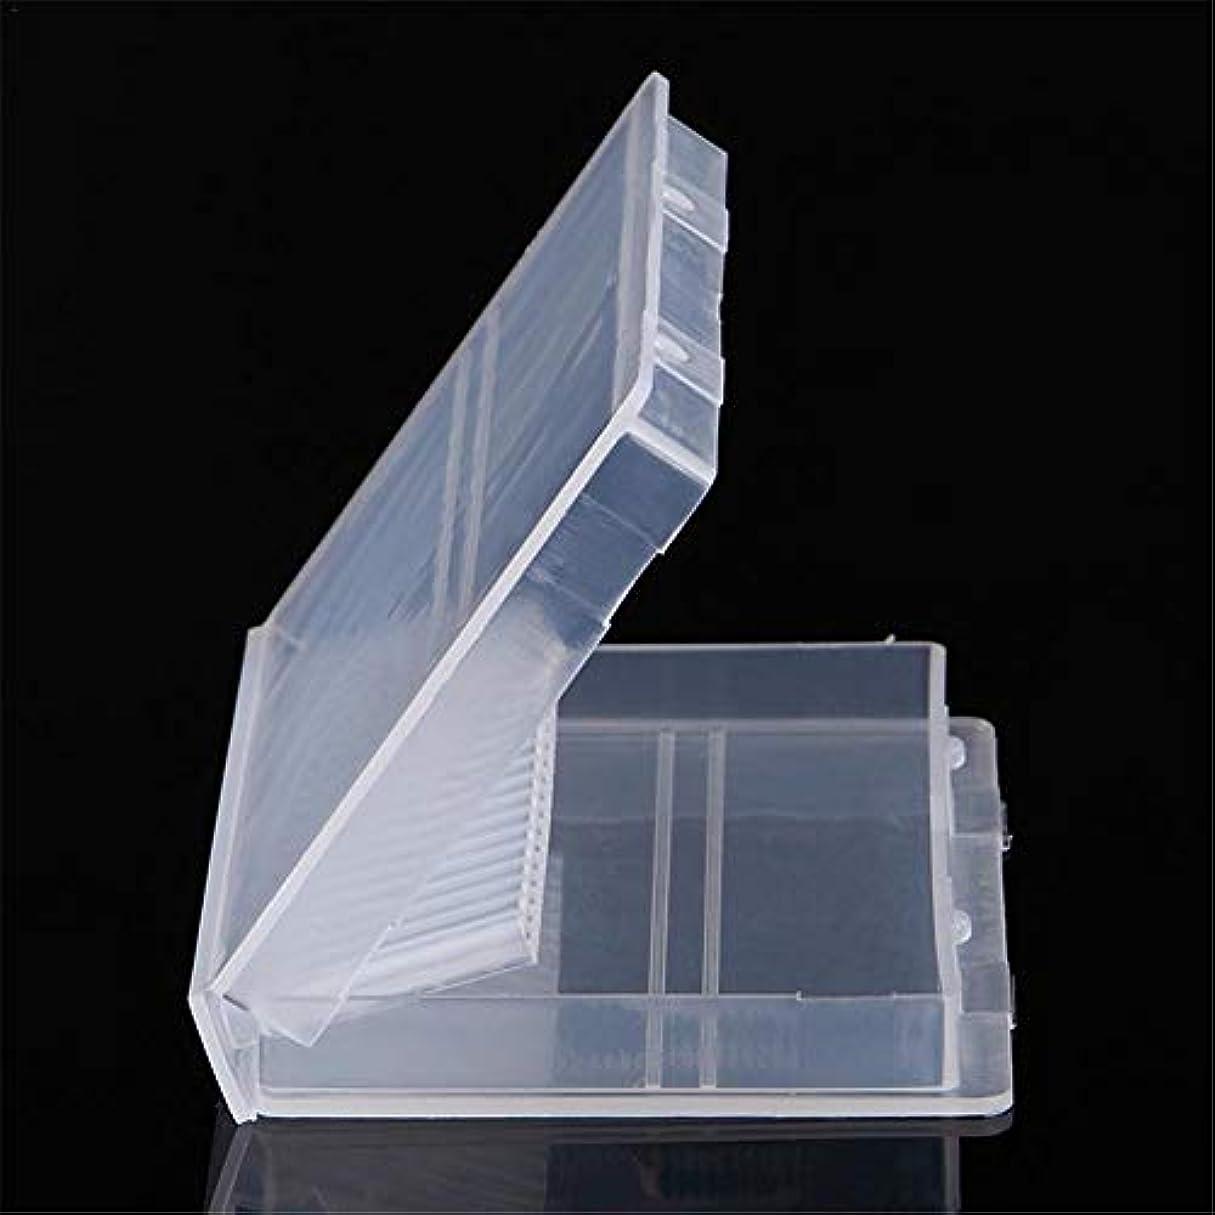 保有者引き出すもRuier-tong ネイルドリル 収納ケース ネイルビッドセット 研削ネイル用 透明 プラスチック 20穴 ネイル研削ヘッド収納ボックス